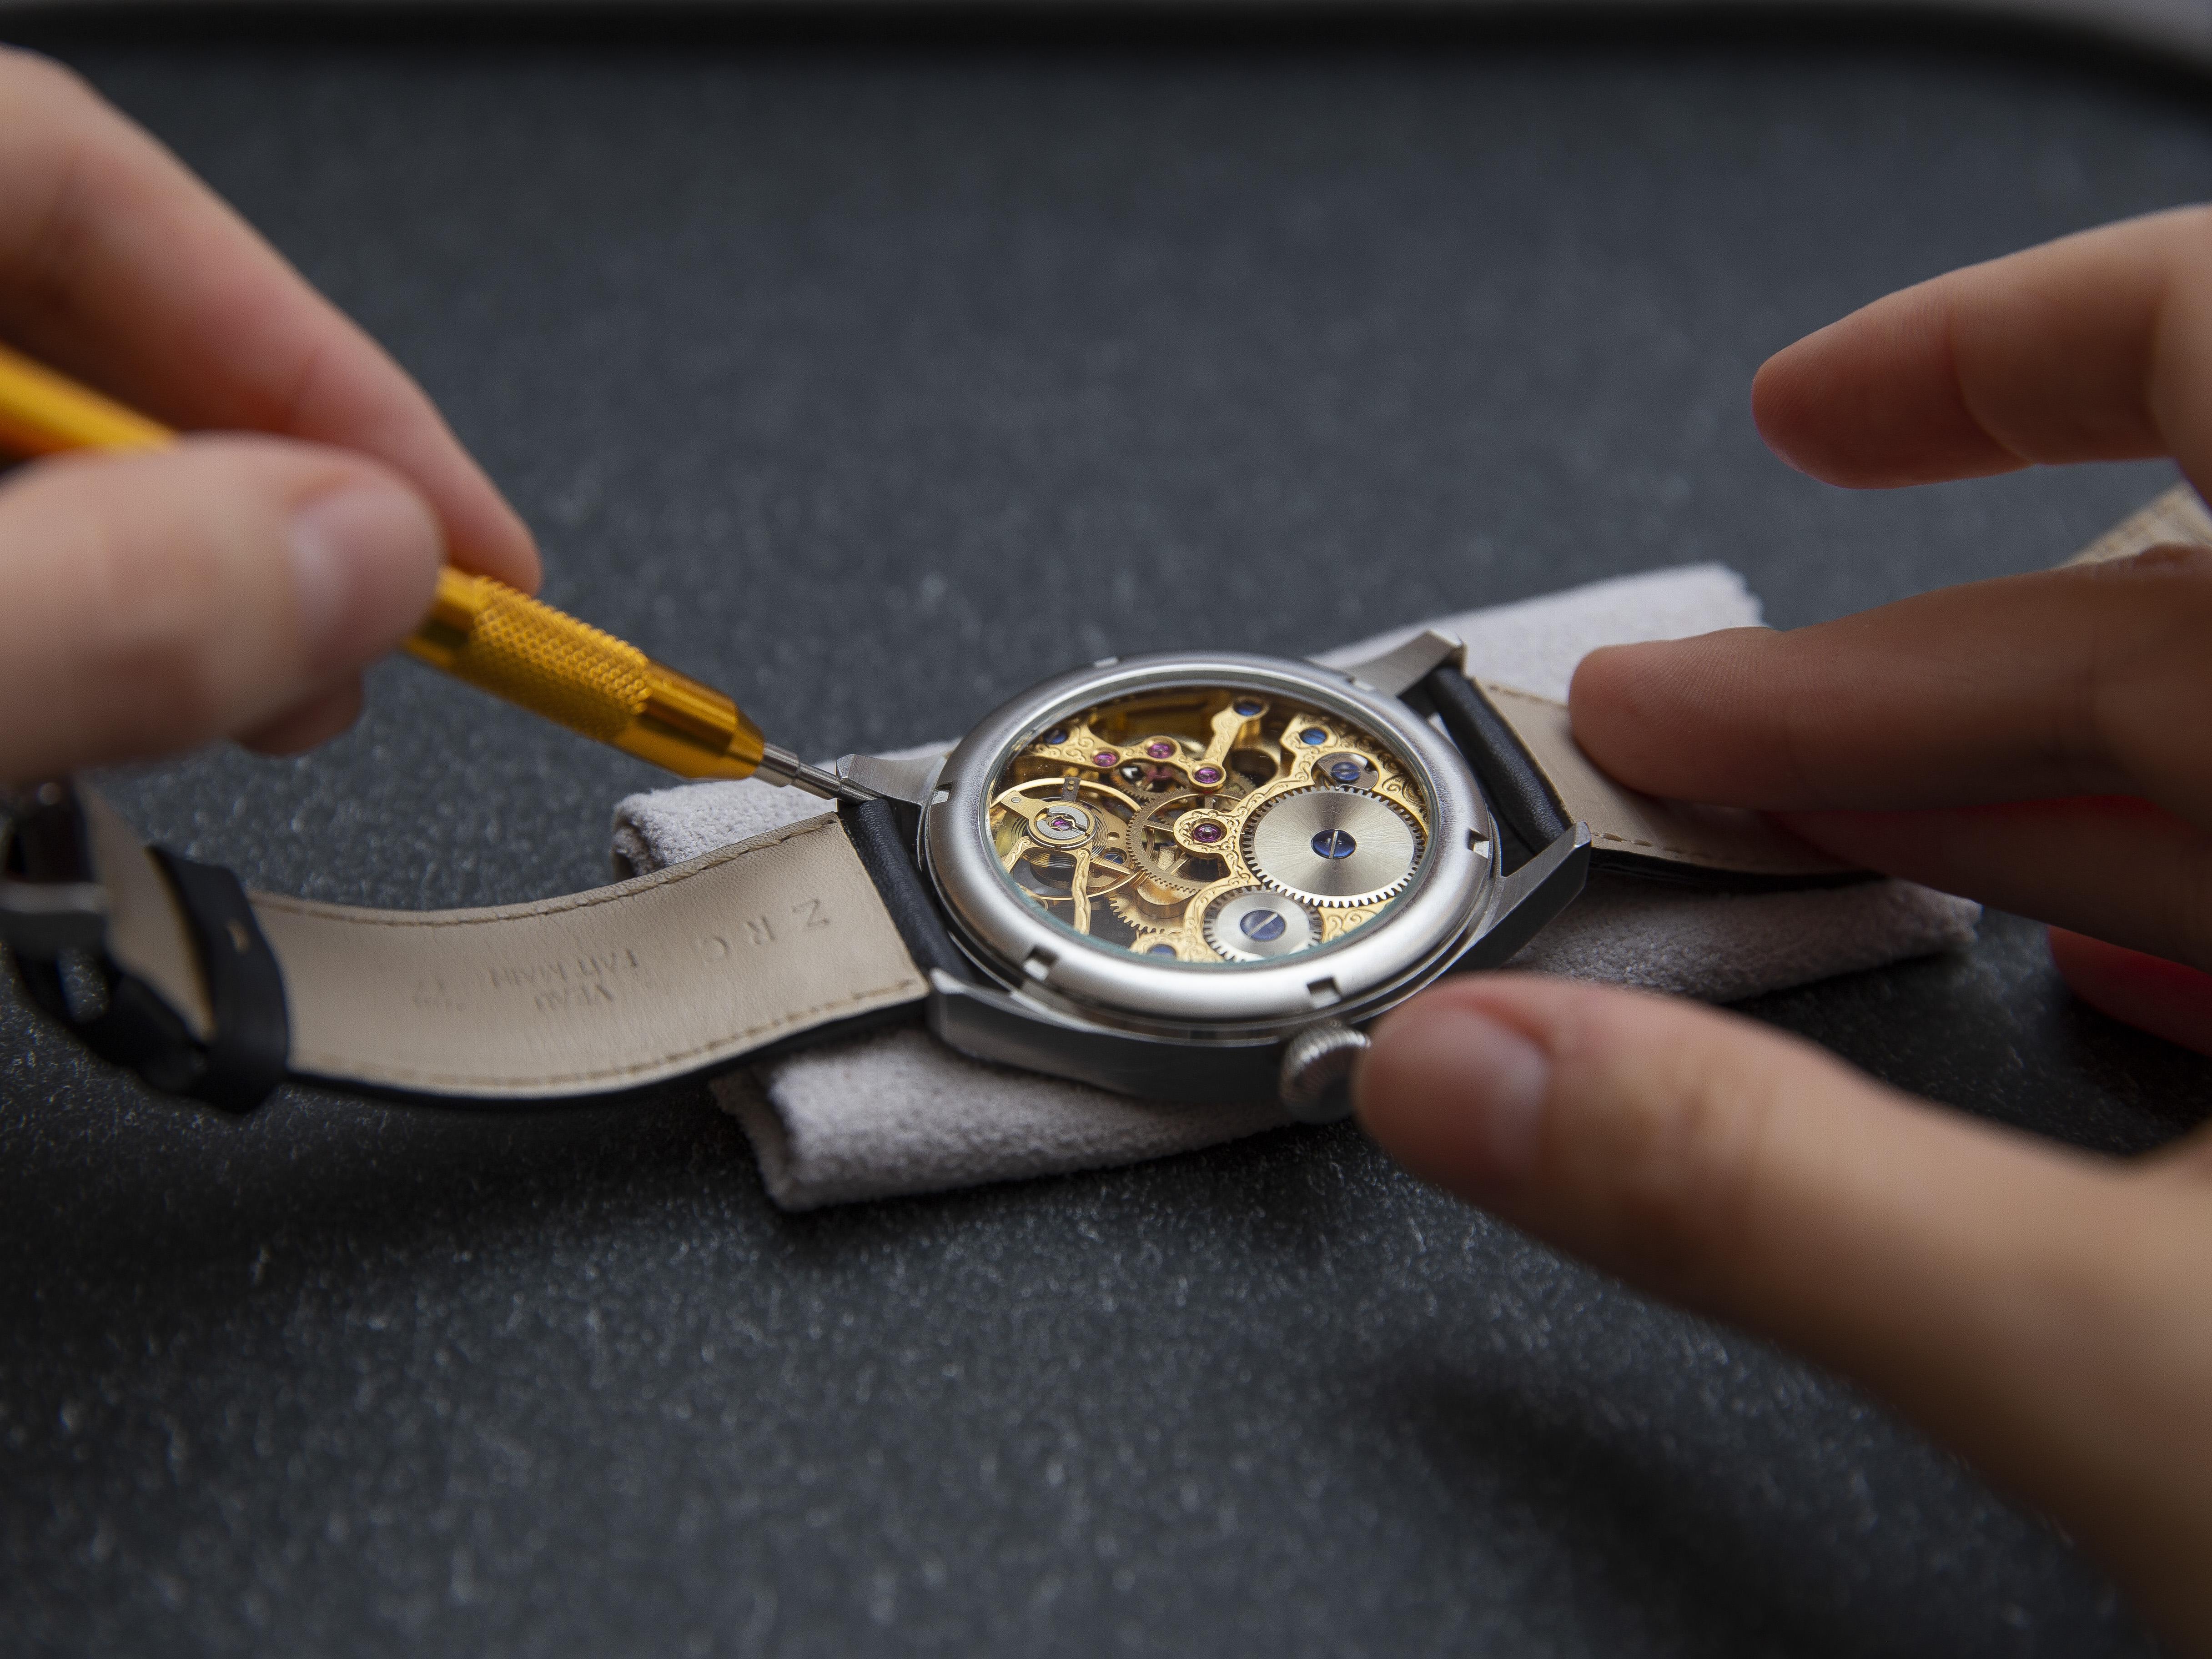 Výměna řemínku na hodinkách ve 3 krocích